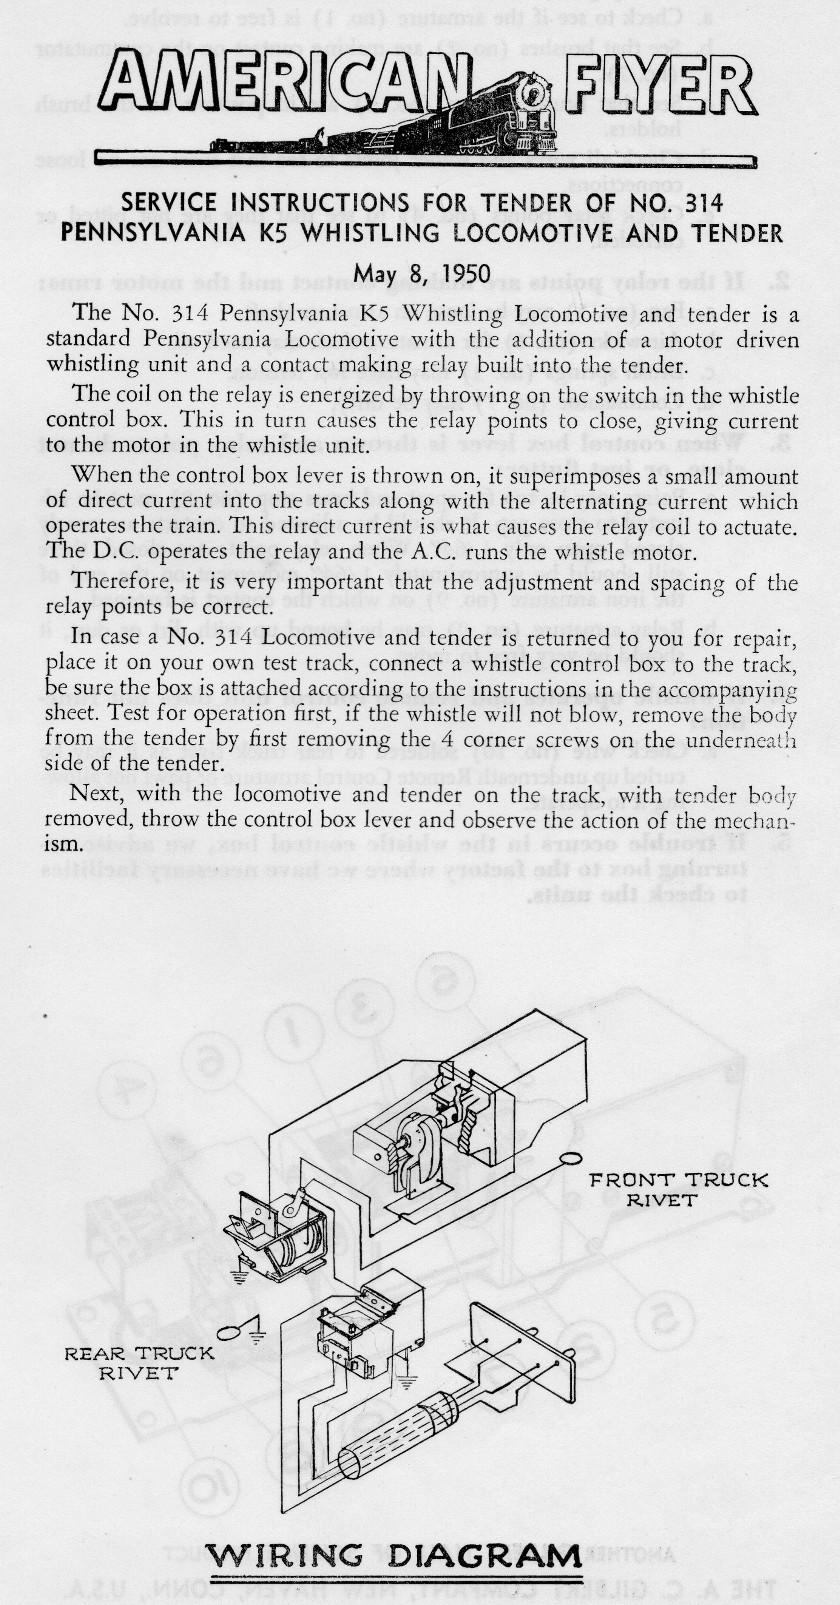 American Flyer Parts Diagrams